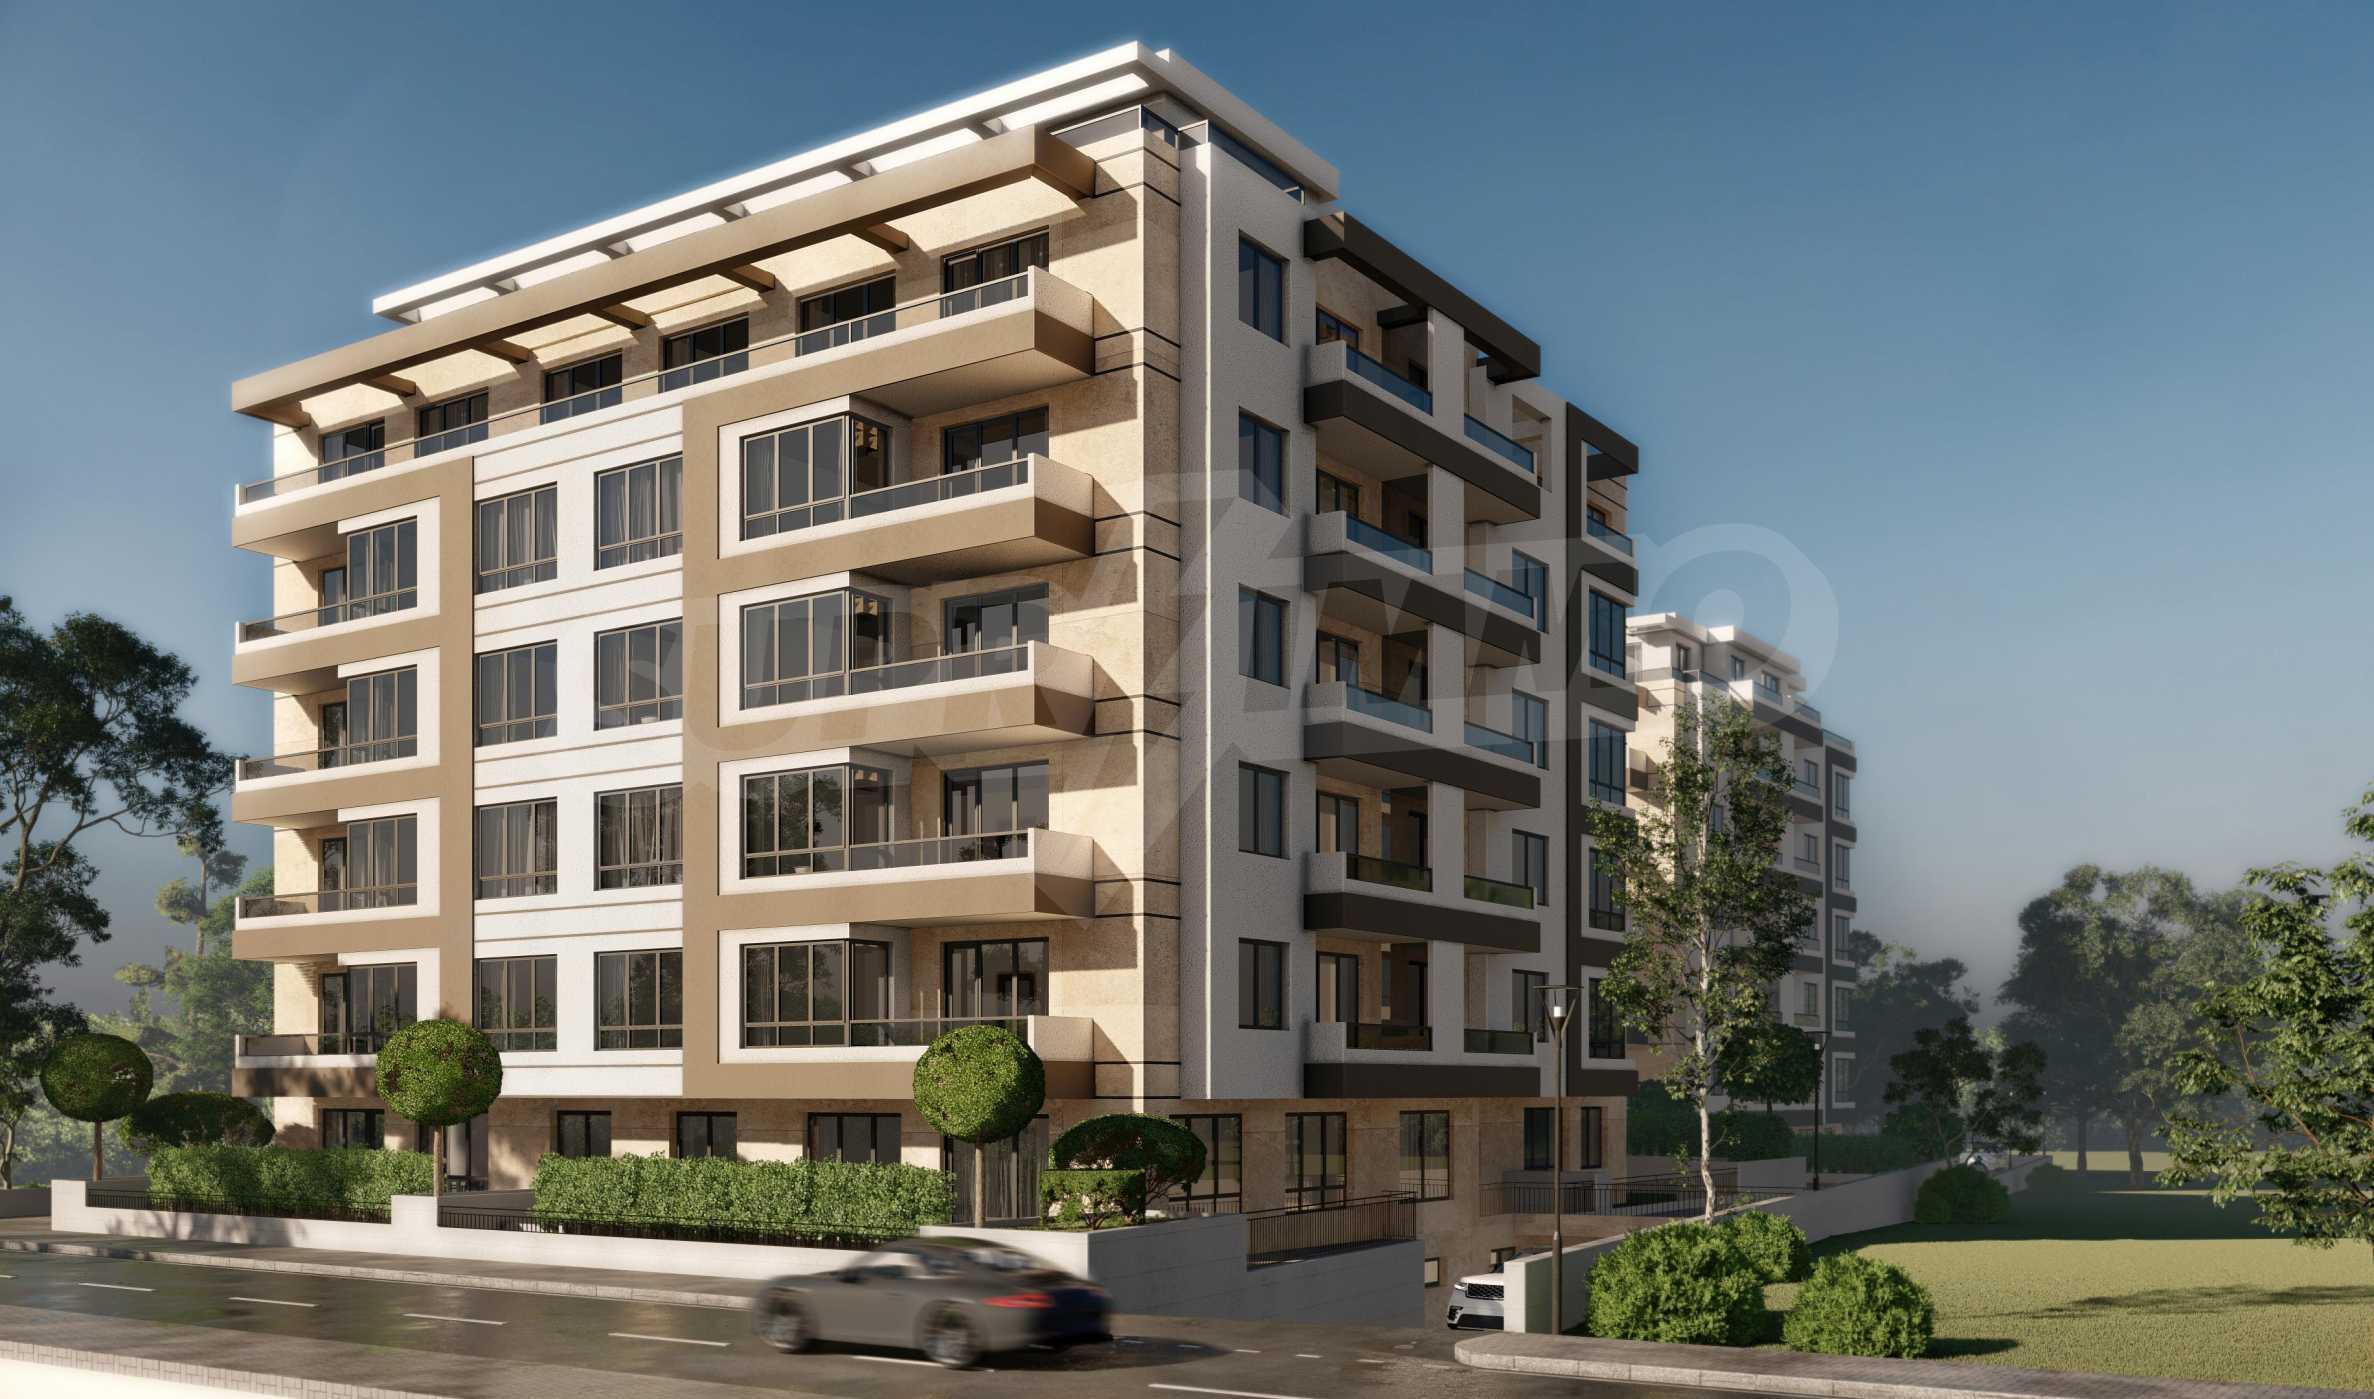 Привлекательная недвижимость в новом комплексе рядом с торговым центром Paradise и станцией метро 4